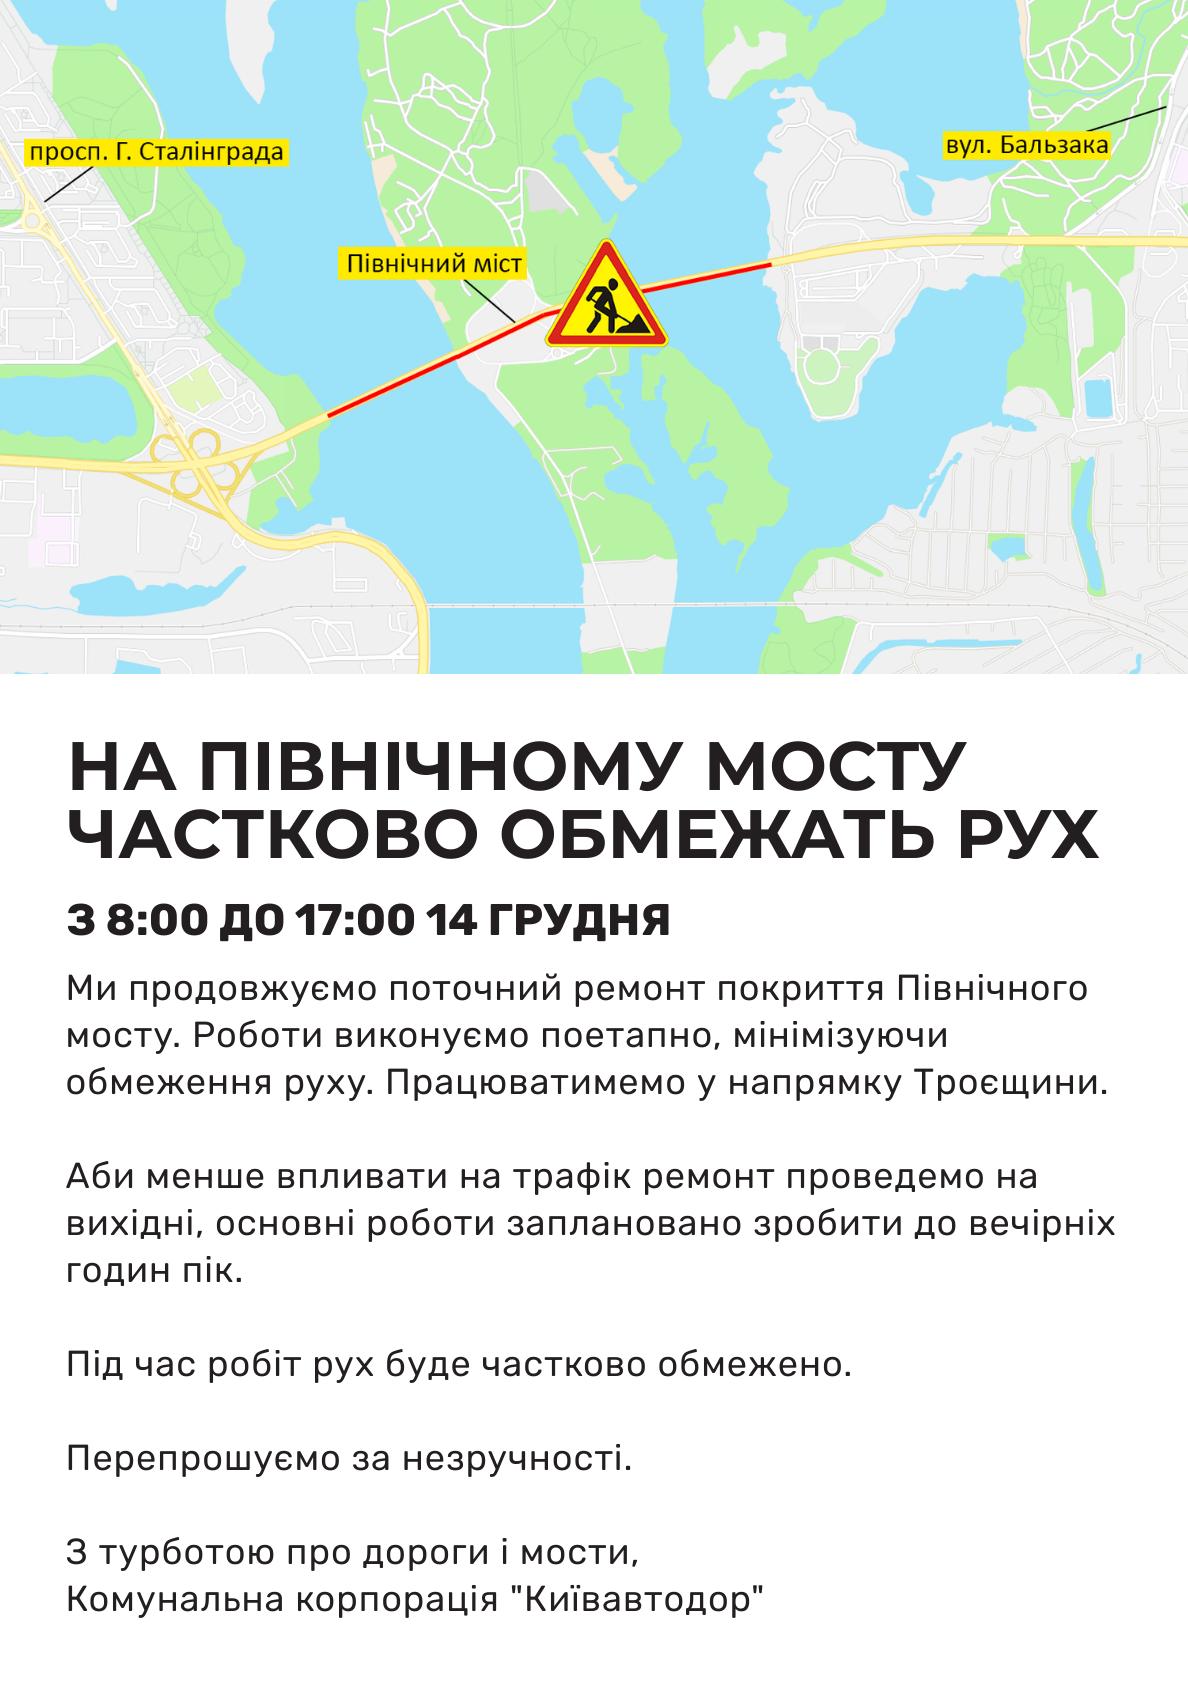 обмеження руху на Північному мосту в Києві